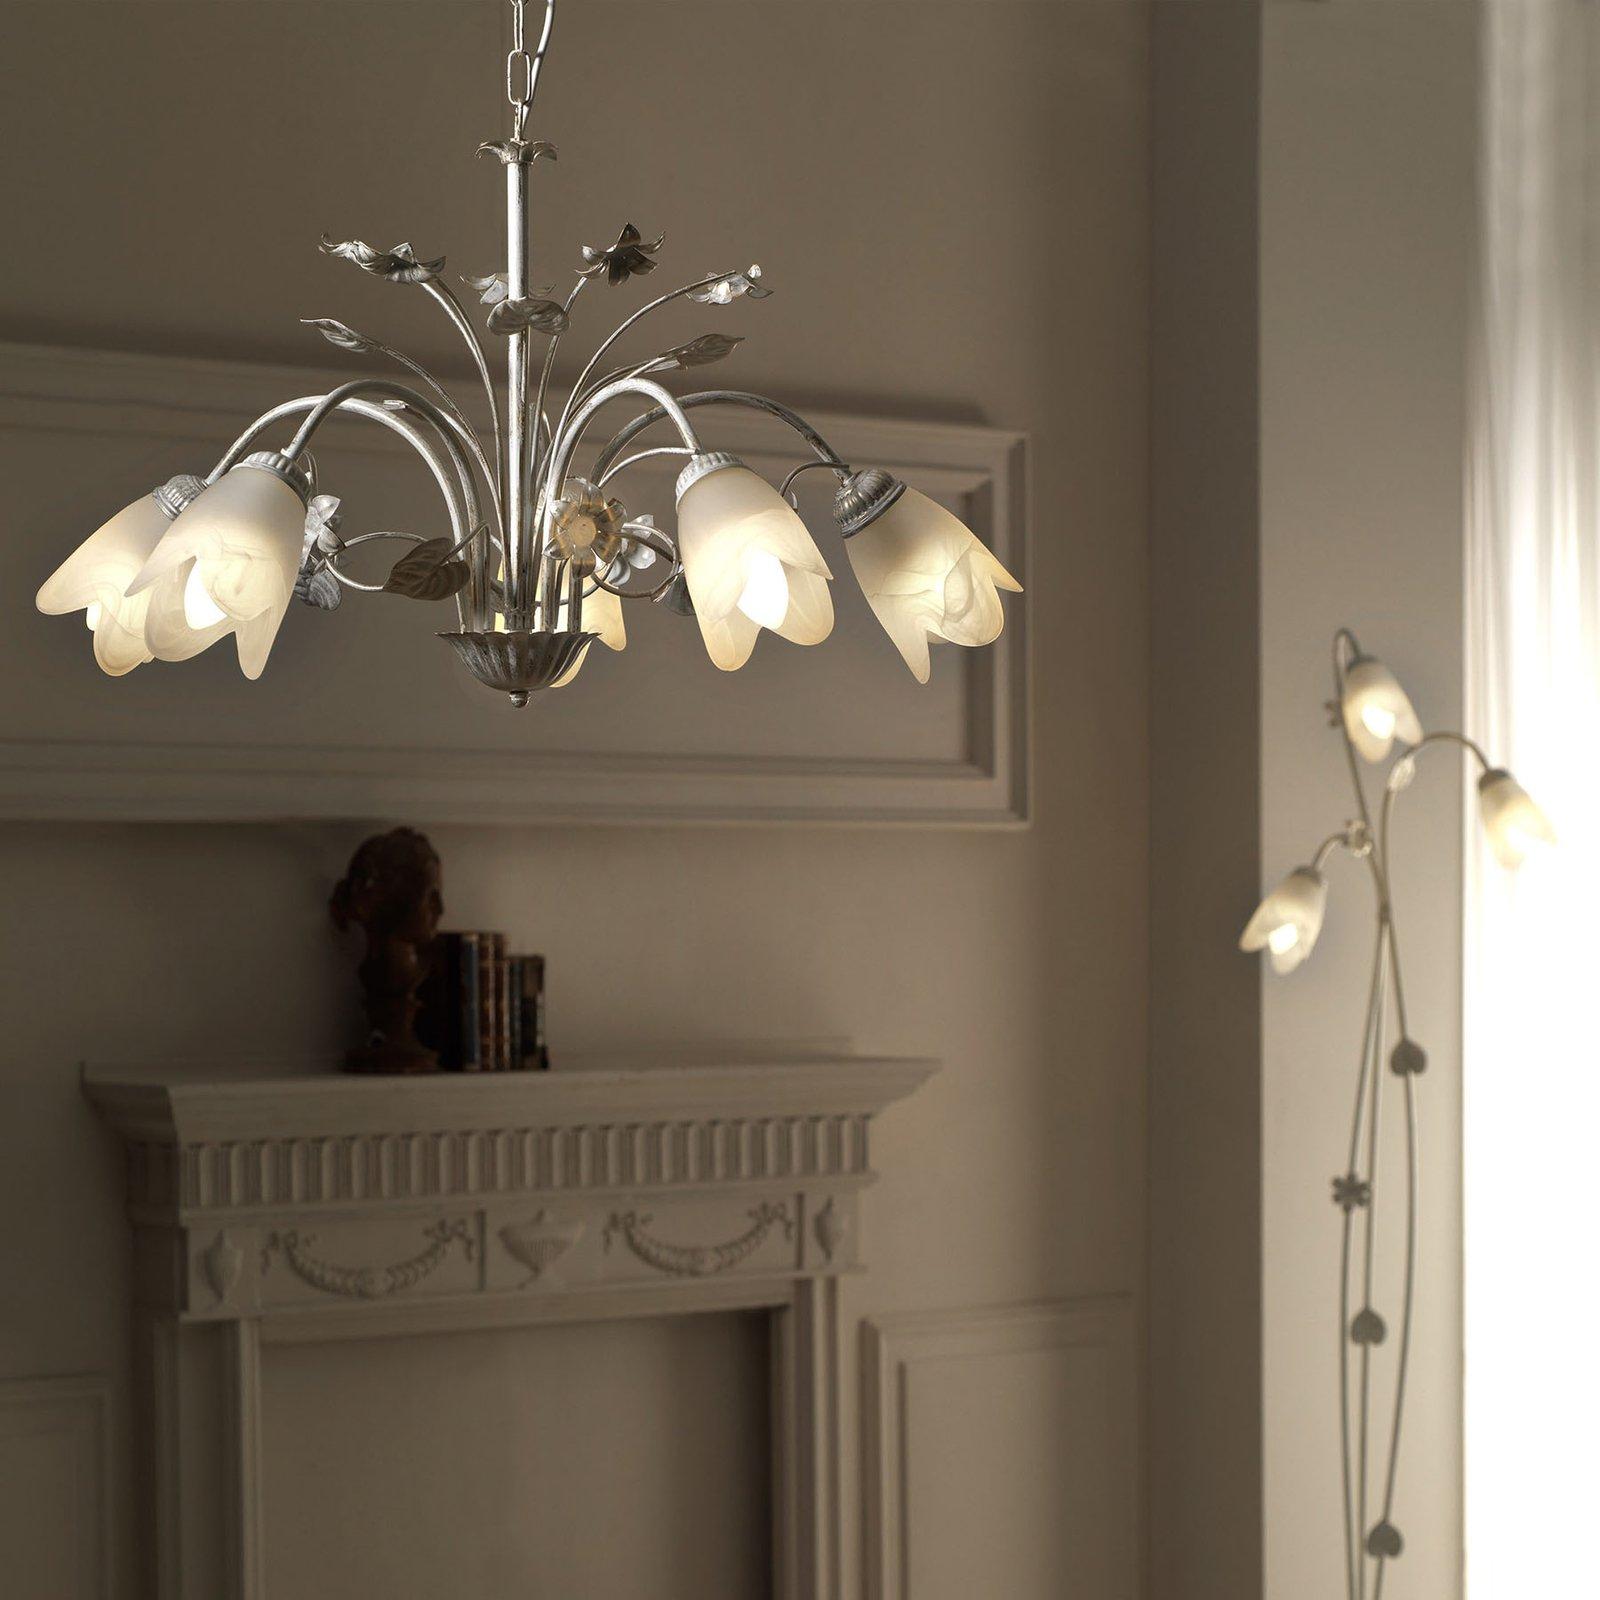 Florentiner gulvlampe Petunia, 3 lyskilder